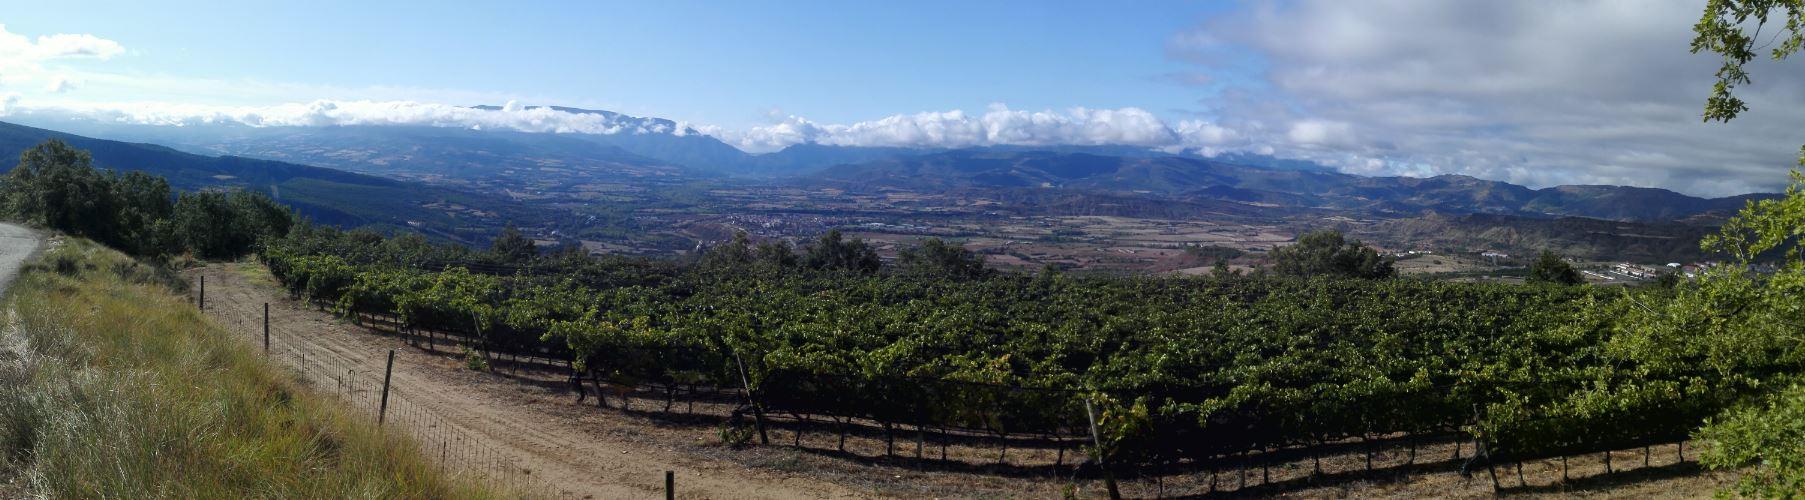 Vistas de parte de las viñas y la bodega